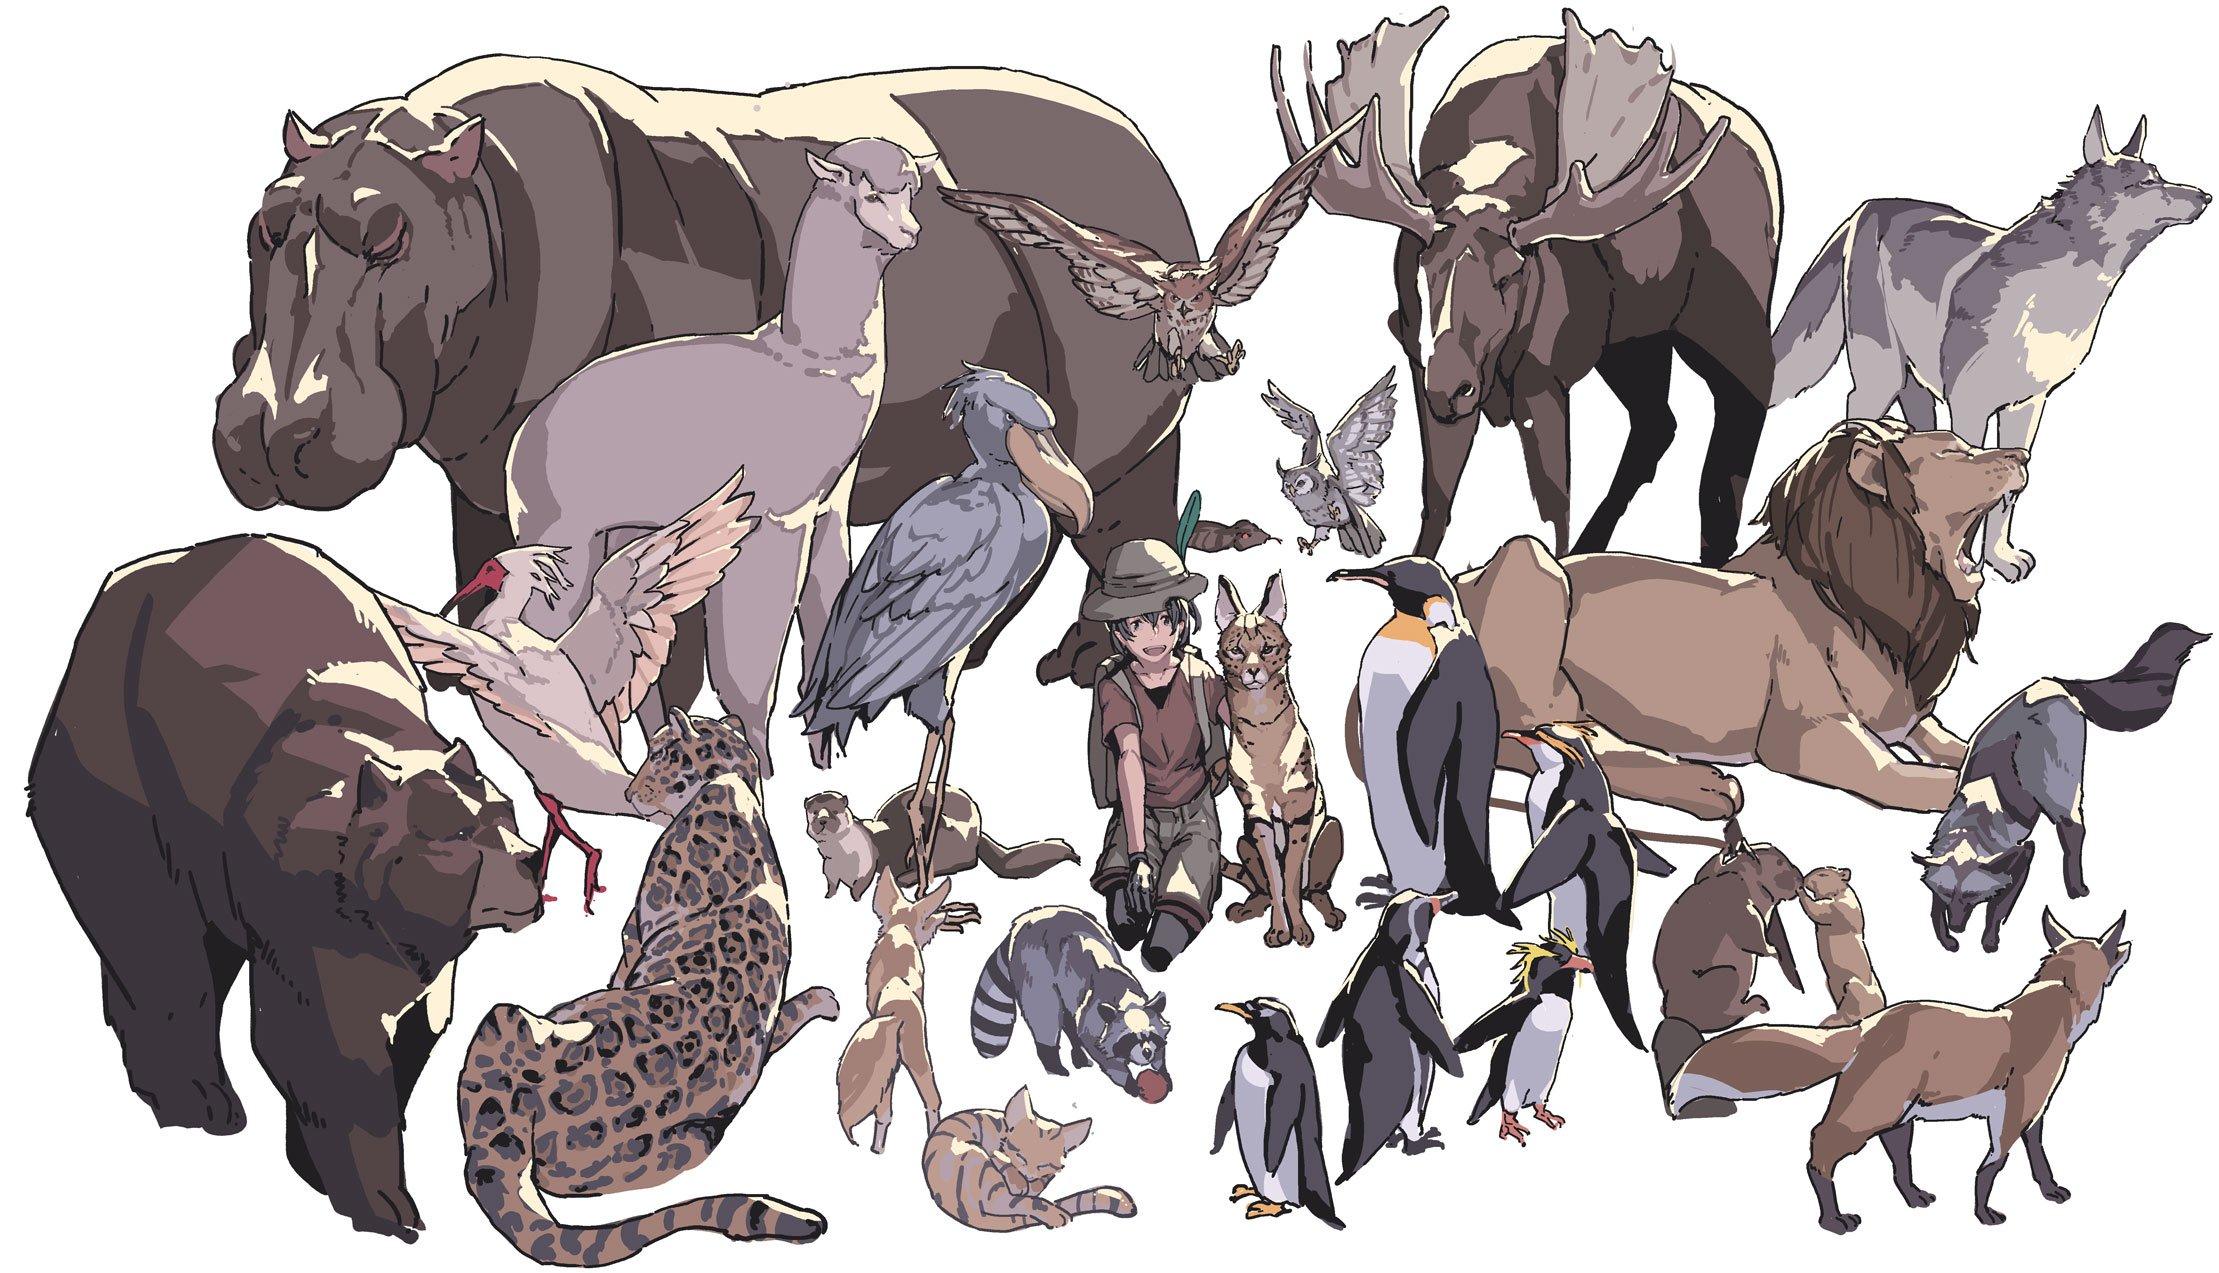 実際の動物とけものフレンズのキャラ達と比較したものがこれwww